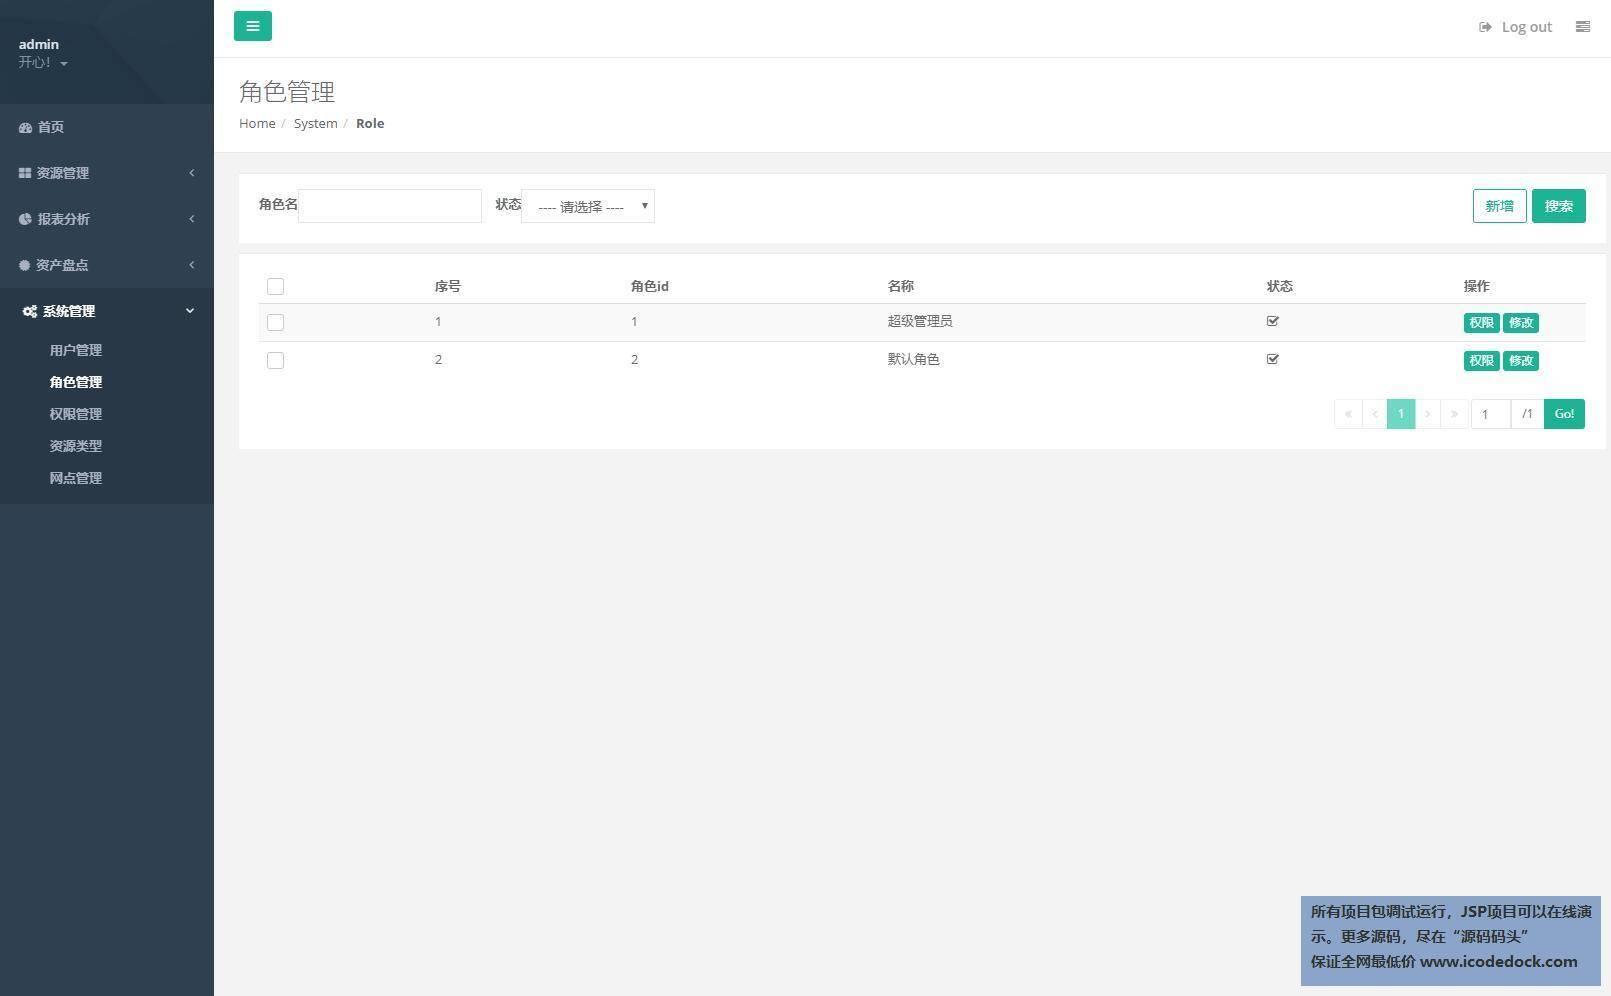 源码码头-SpringBoot企业固定资产管理系统-超级管理员角色-角色管理